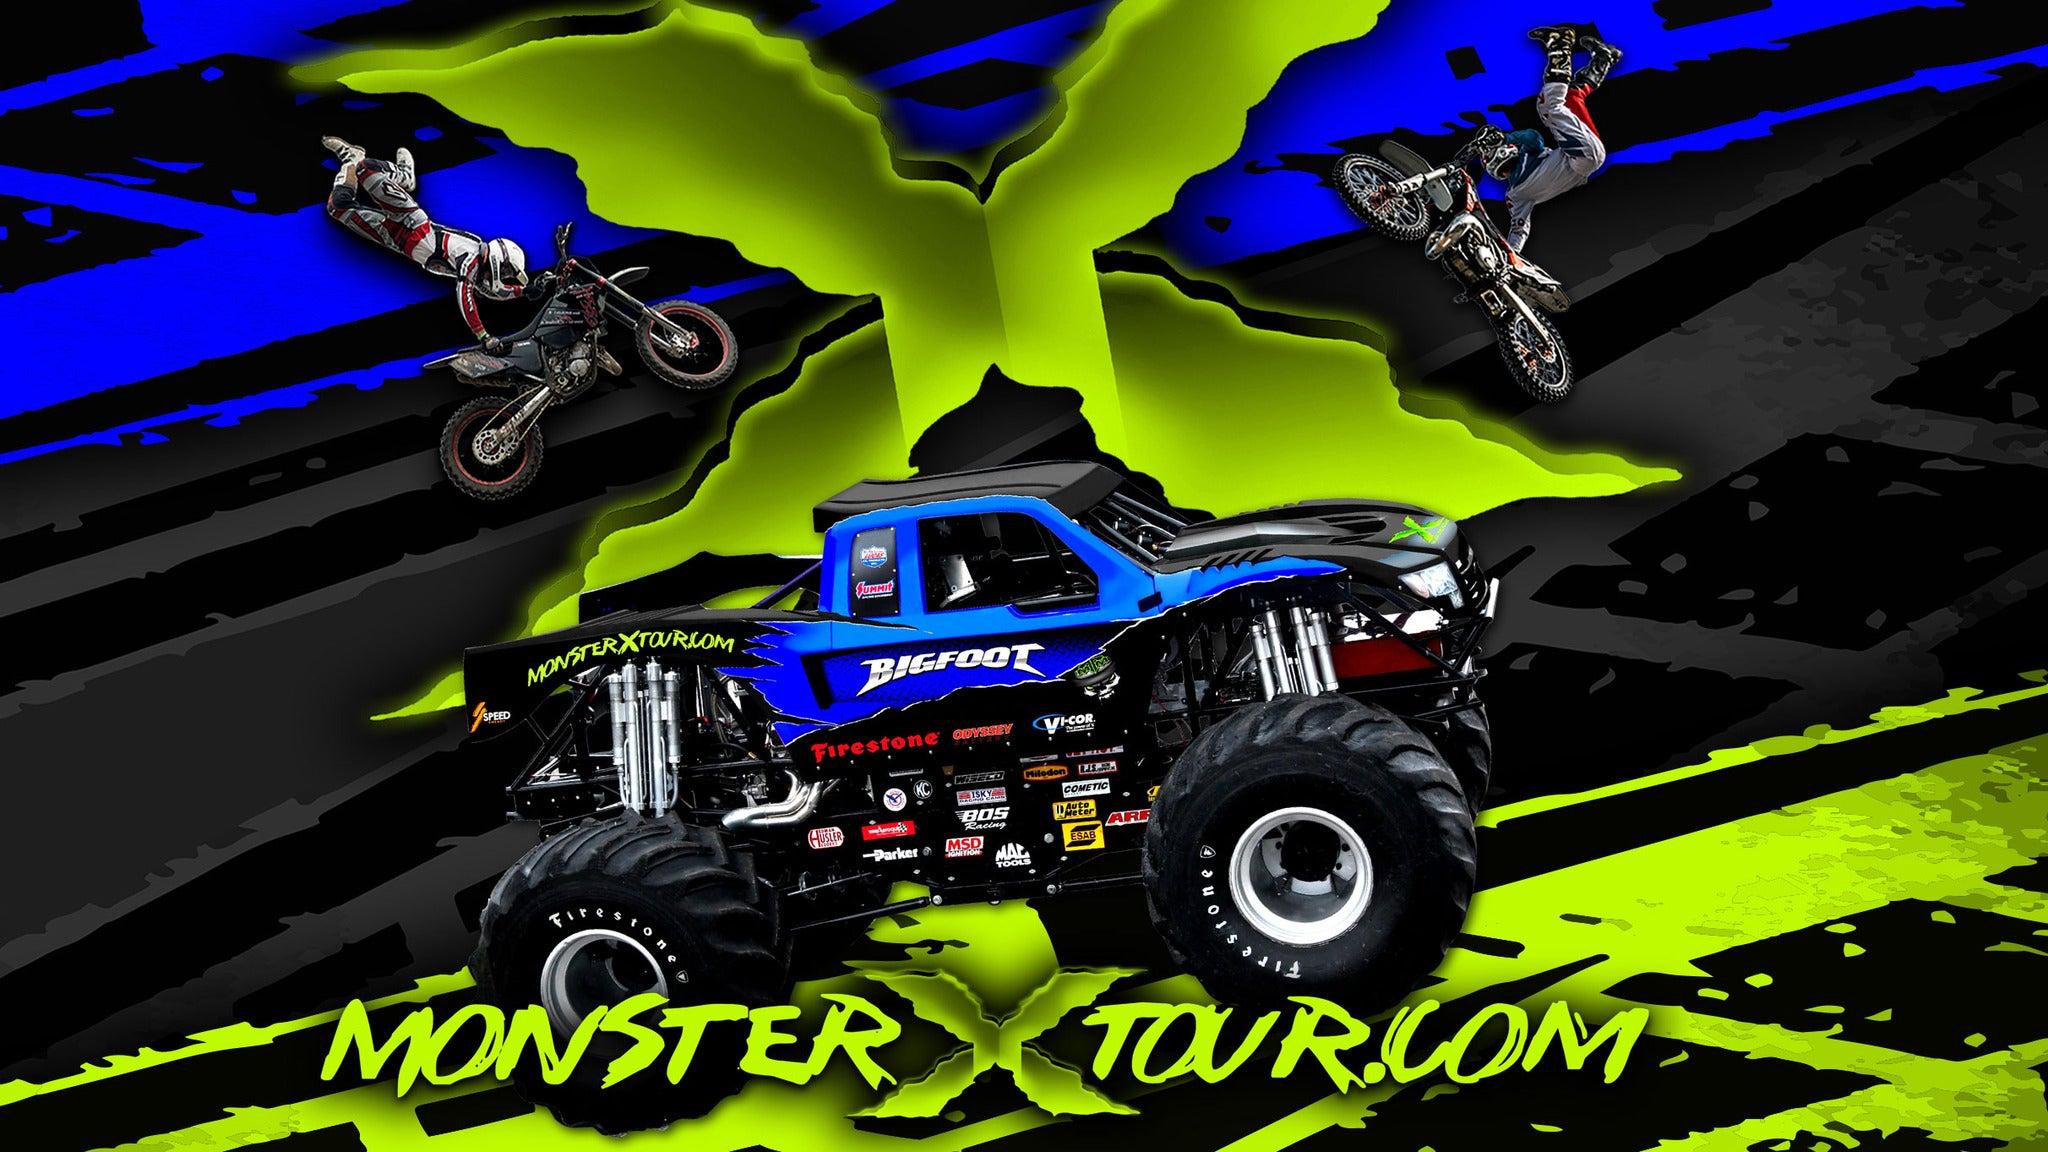 Monster X Tour at Aloha Stadium